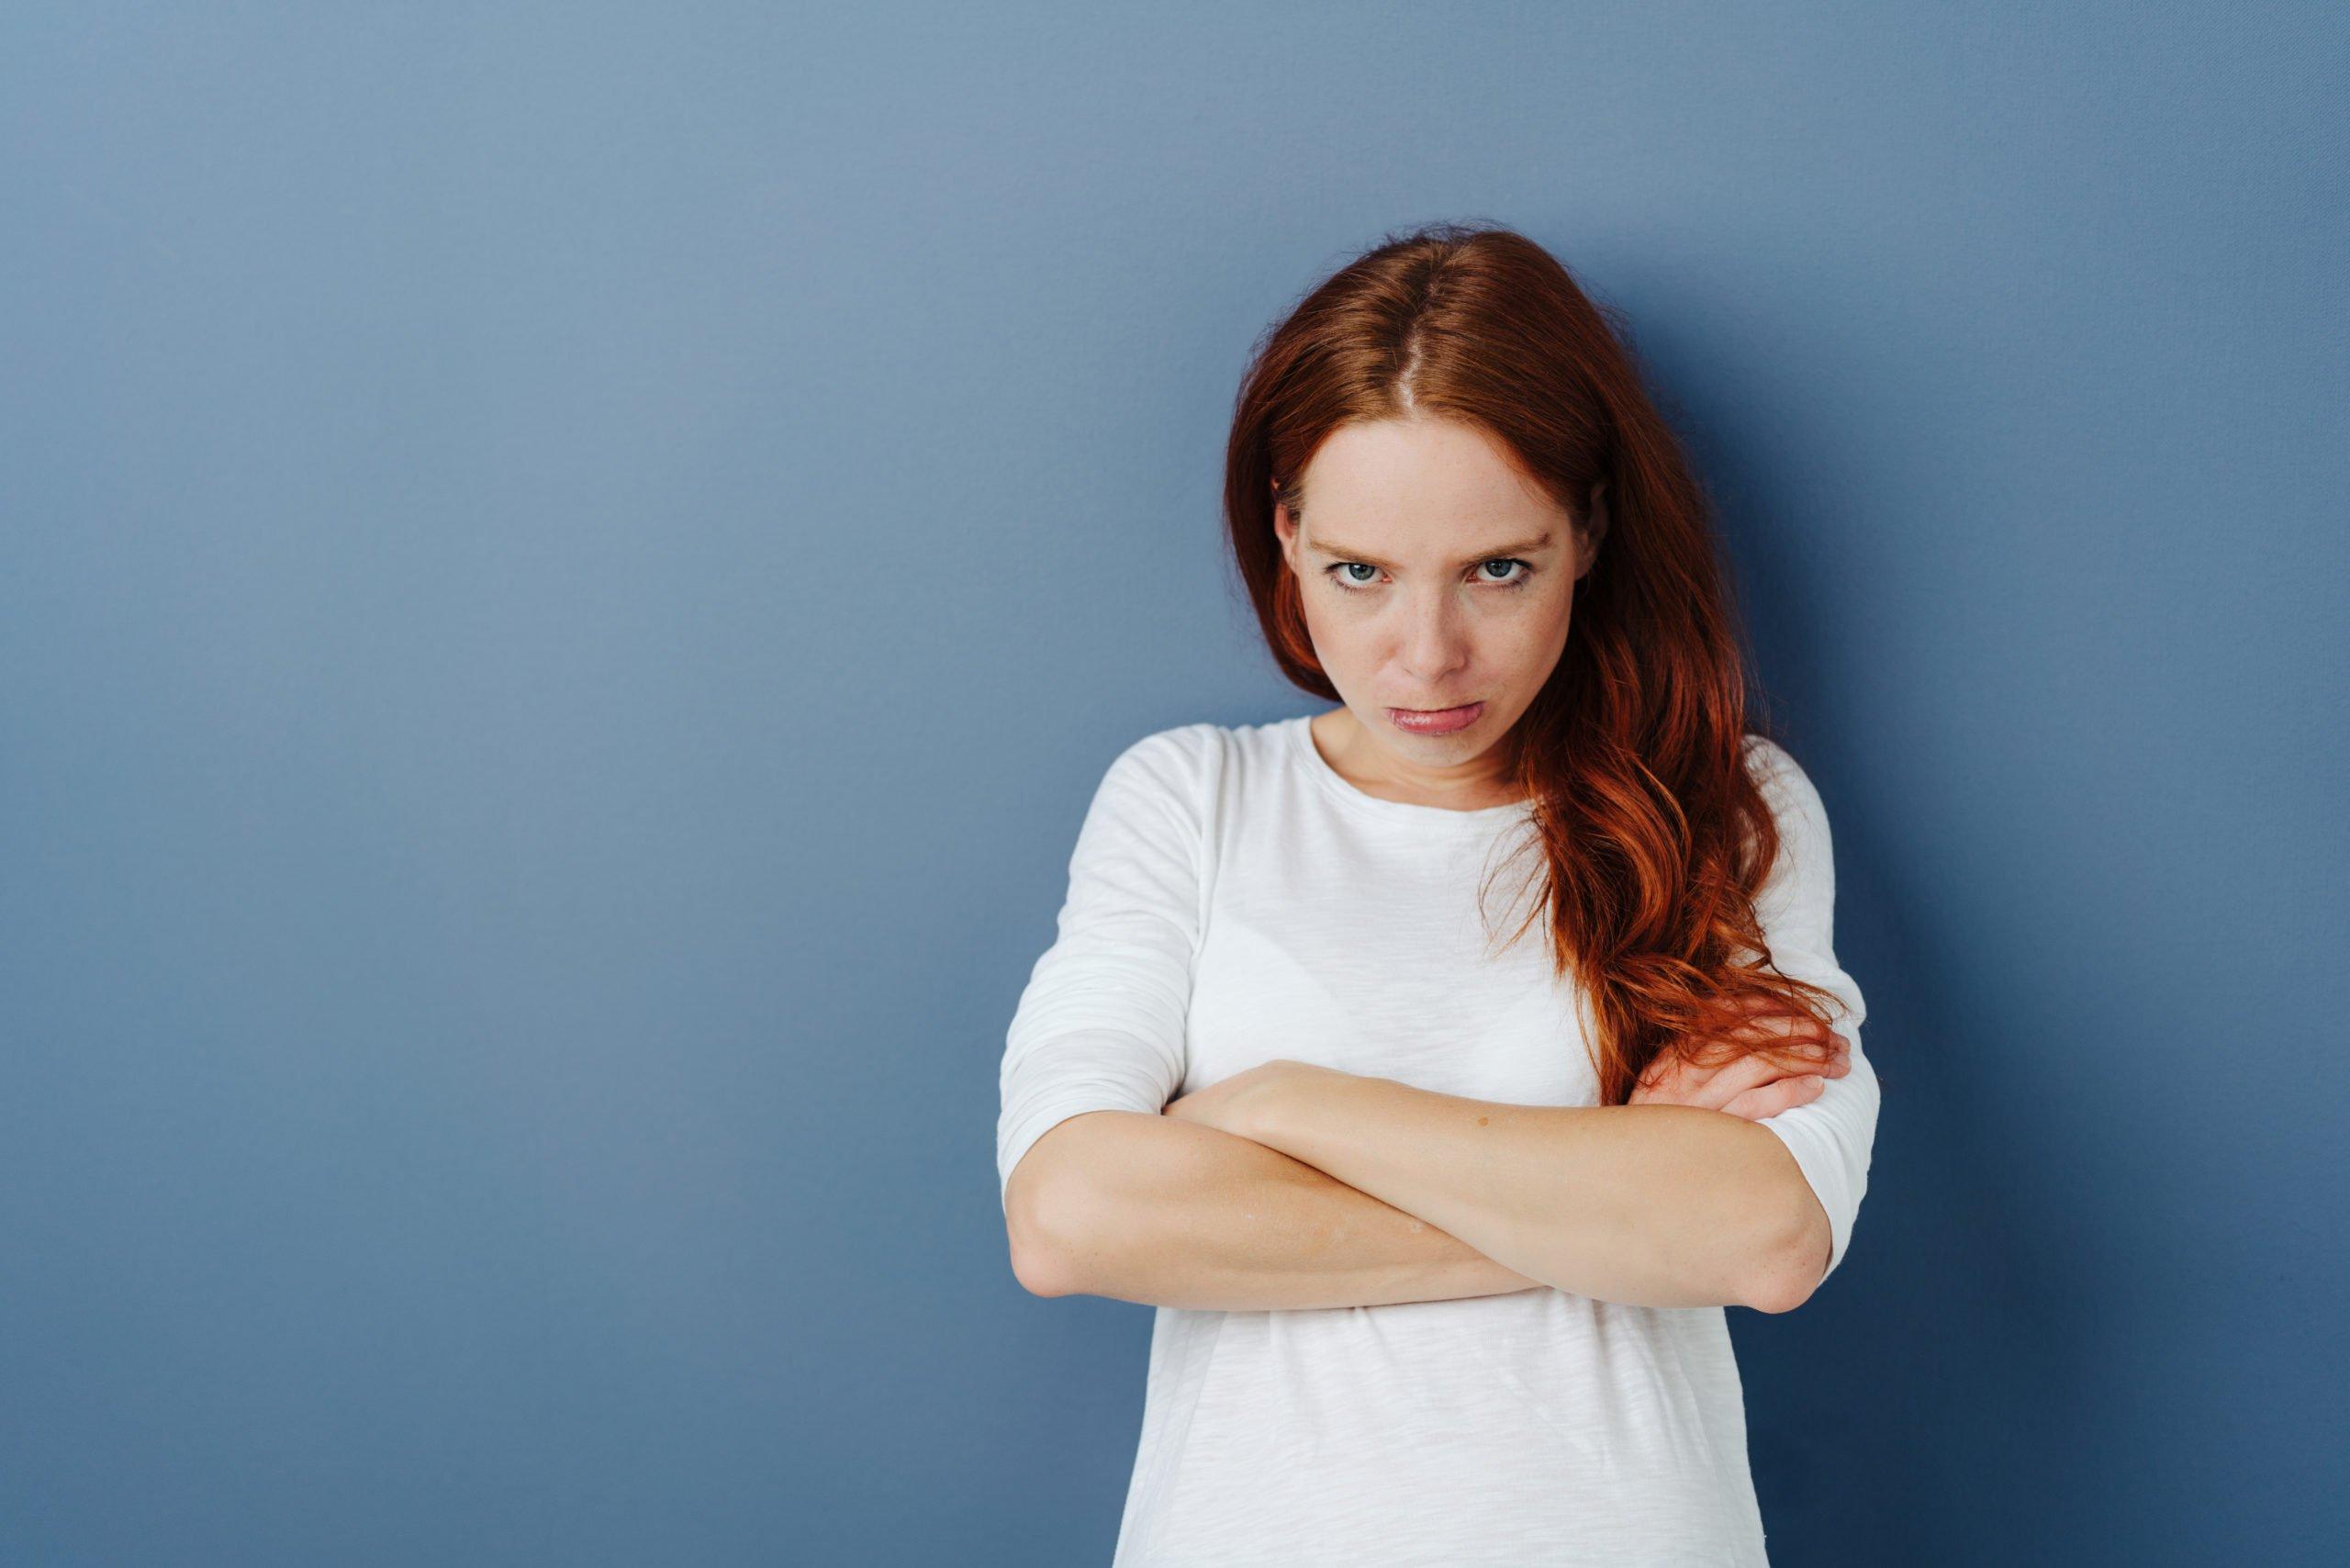 Wie wirken Streit und Stress in der Partnerschaft?